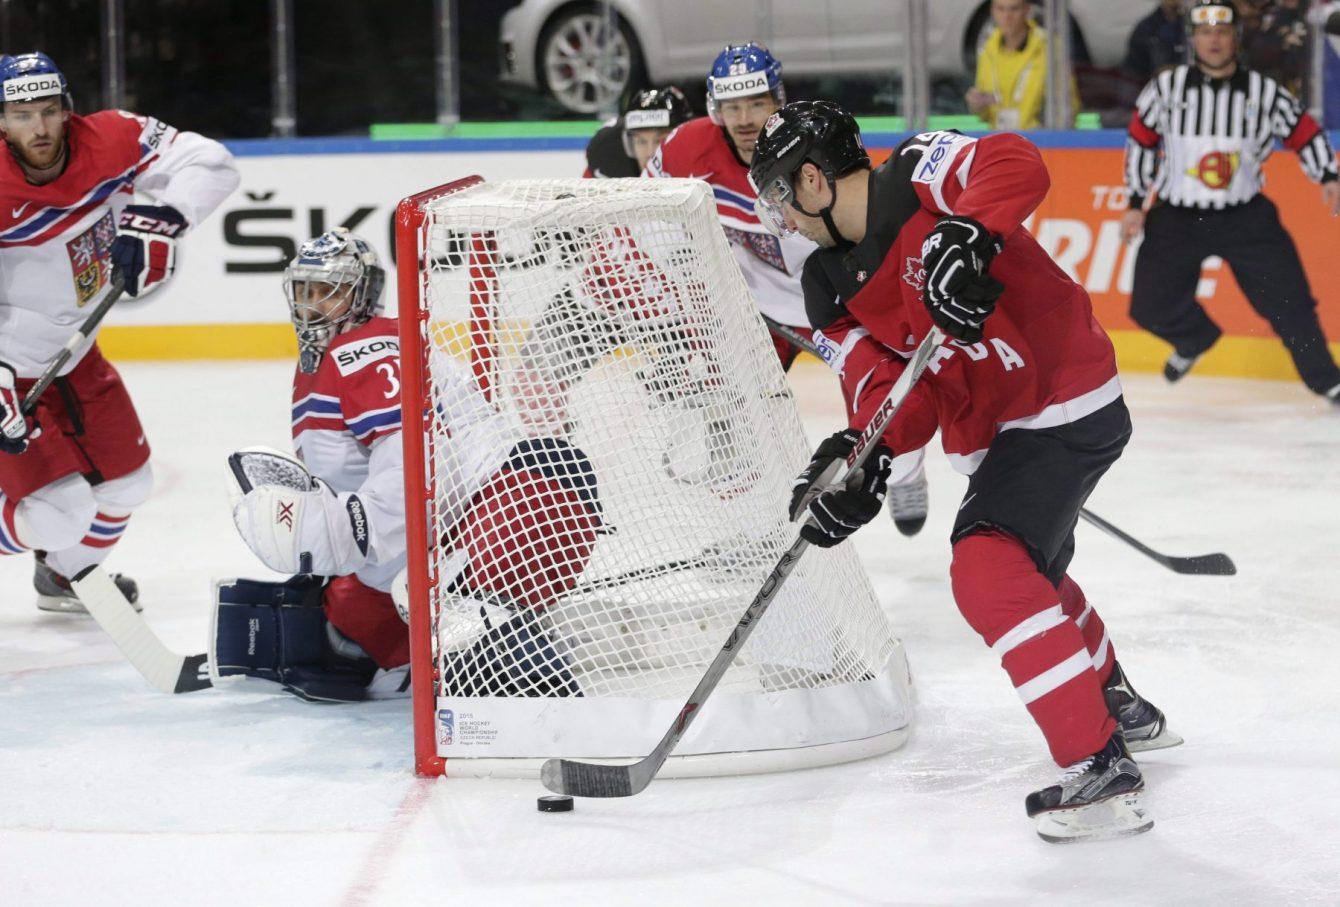 Jordan Eberle d'Équipe Canada contourne le filet avant d'ouvrir la marque lors du Championnat mondial de hockey face à la République tchèque, à Prague, le 4 mai 2015. (Photo : AP/Petr David Josek)